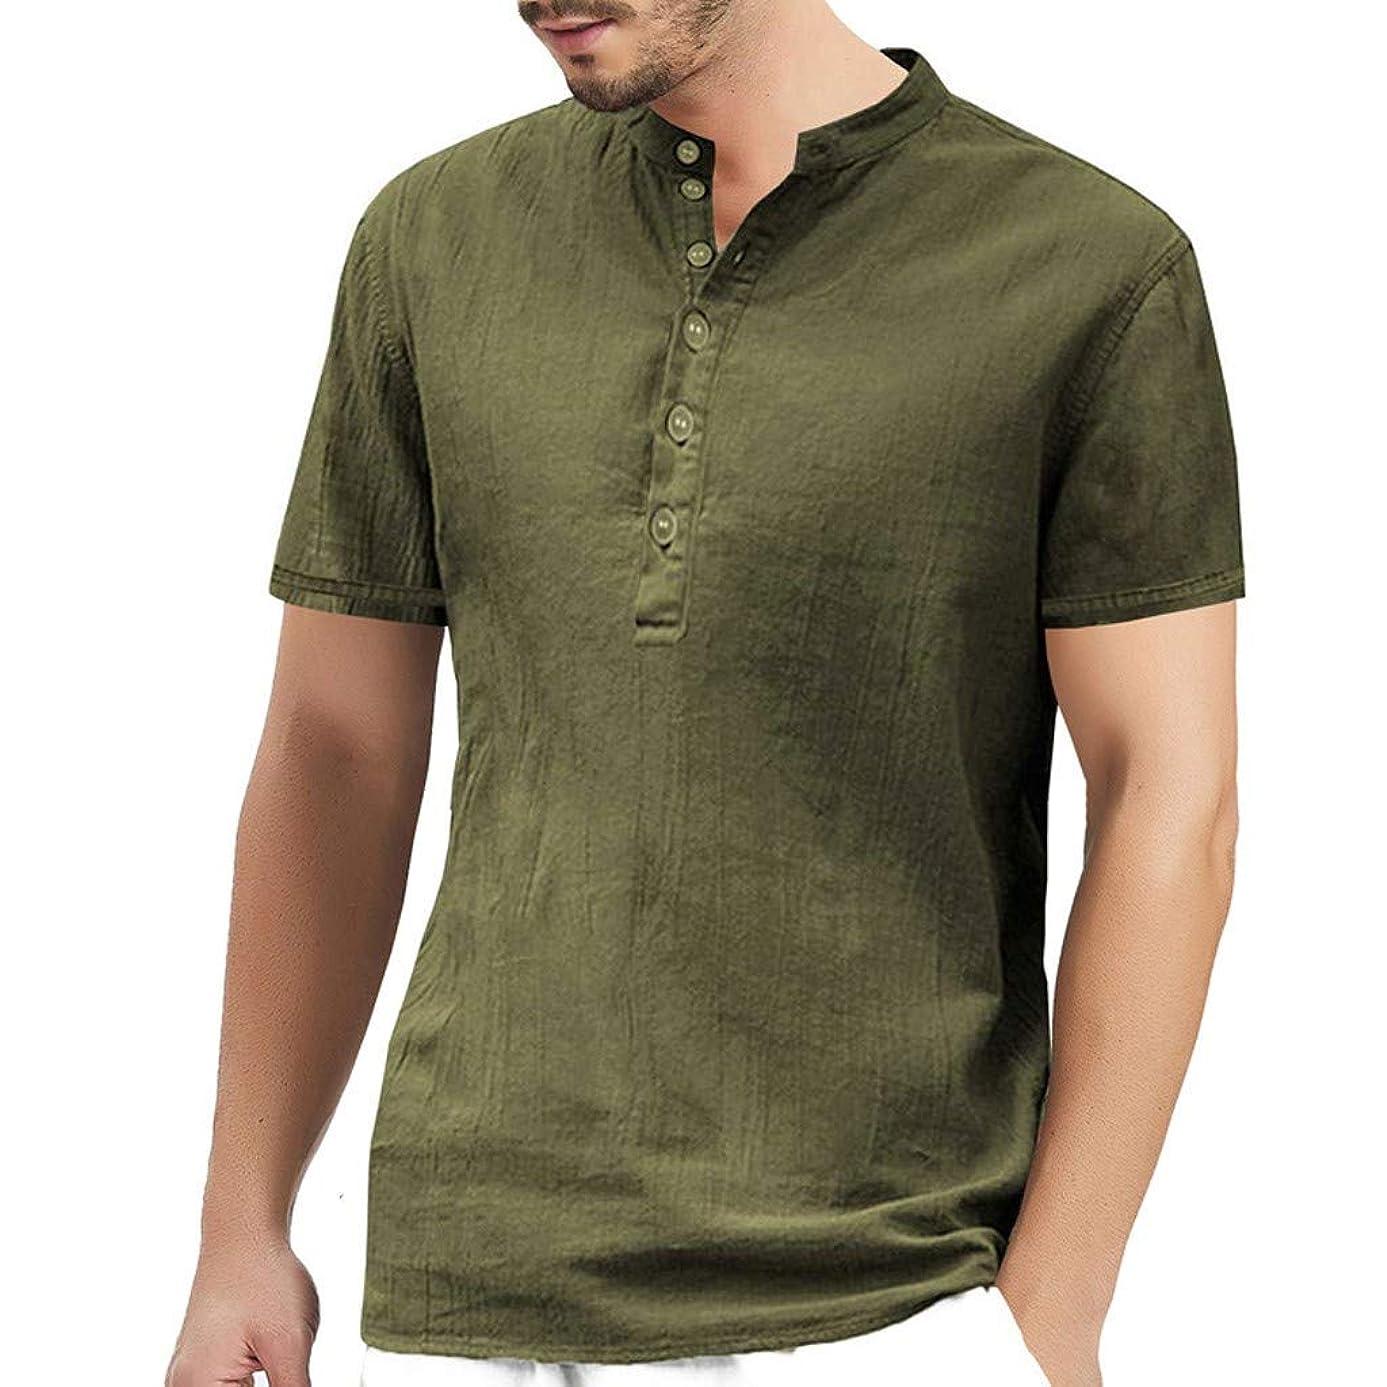 現象誘うショップ夏服 メンズ Tシャツ Rexzo ファッション シンプル 綿麻 シャツ 純色 無地 ブラウス すずしい 着心地良い シャツ メンズ着心地良いtシャツ 丸首半袖 ボタン ティーシャツ 吸汗速乾 スポーツシャツ 部屋着 通勤 デイリーに大活躍